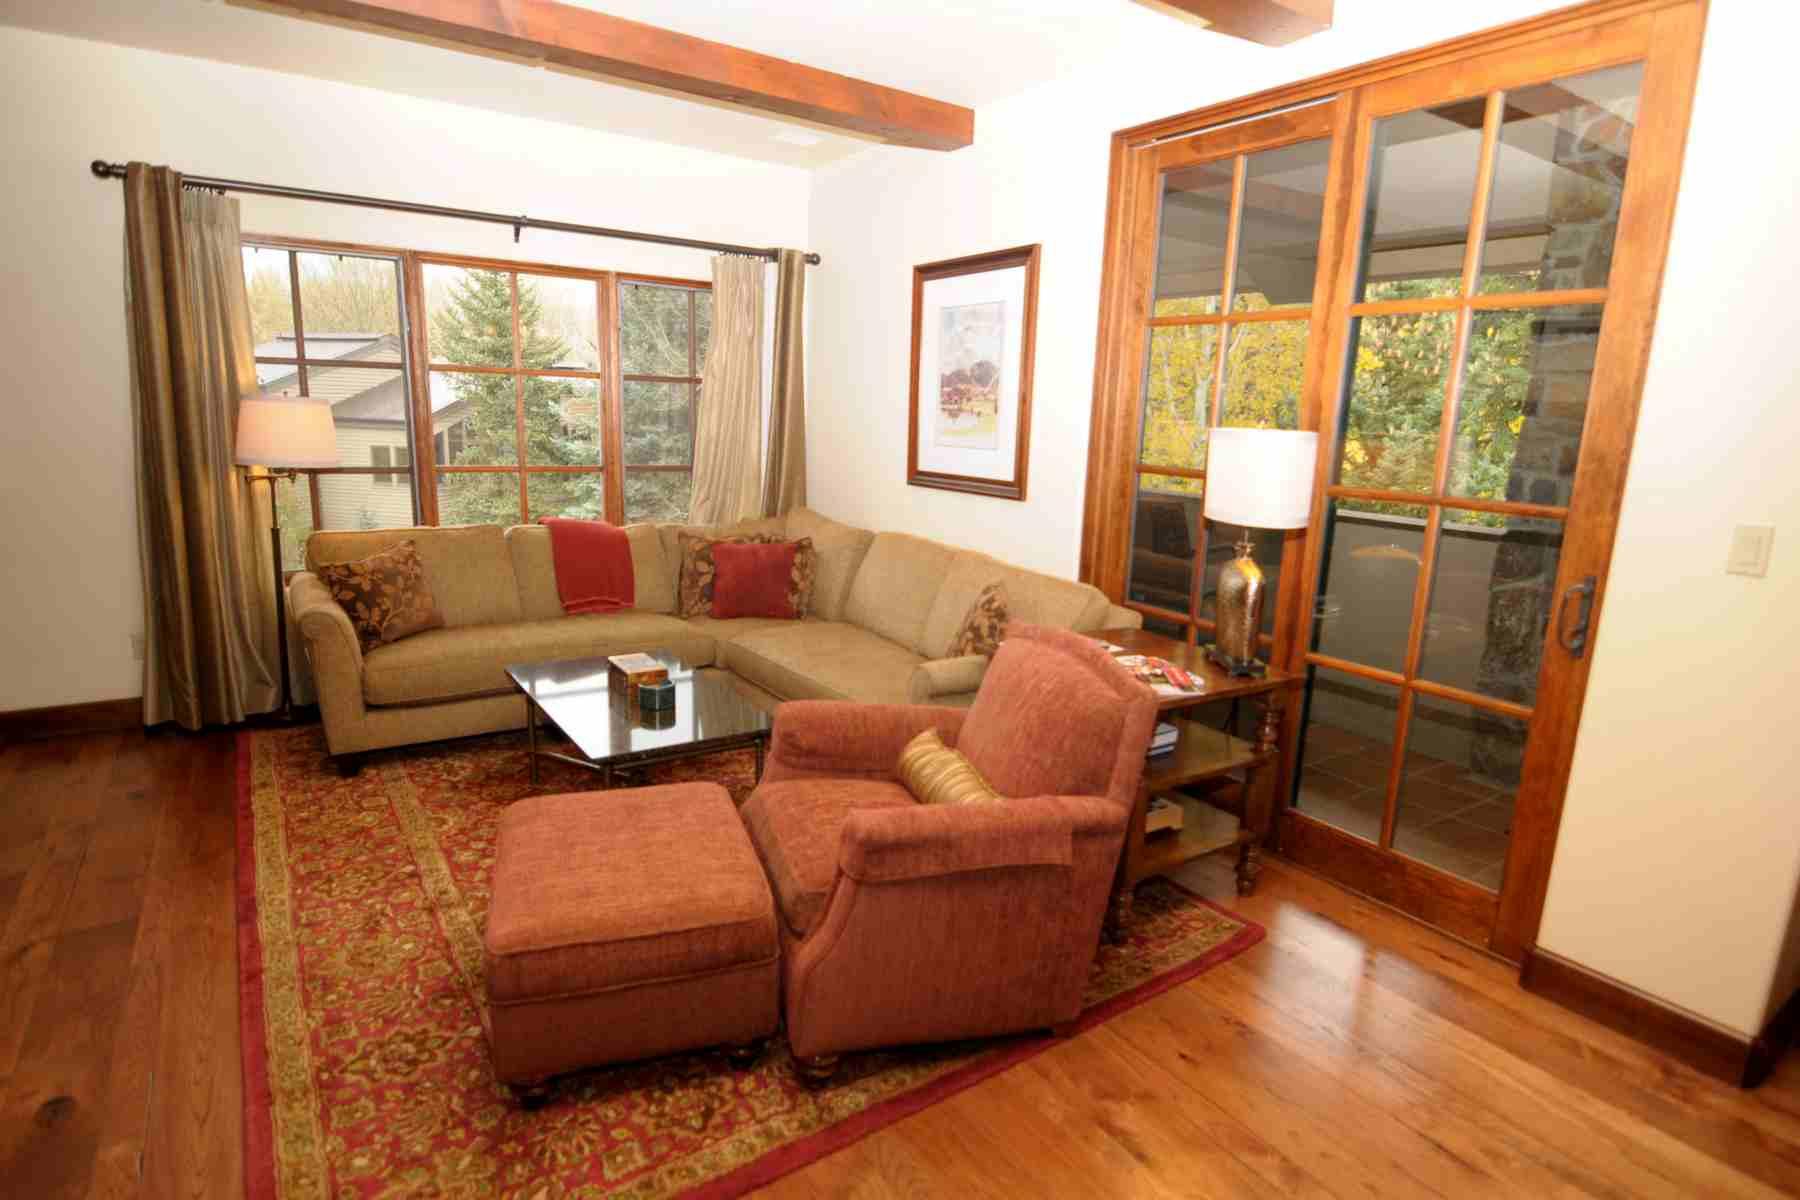 独户住宅 为 销售 在 Exceptional In Town Condo 680 E Sun Valley Rd #1 凯彻姆, 爱达荷州 83340 美国